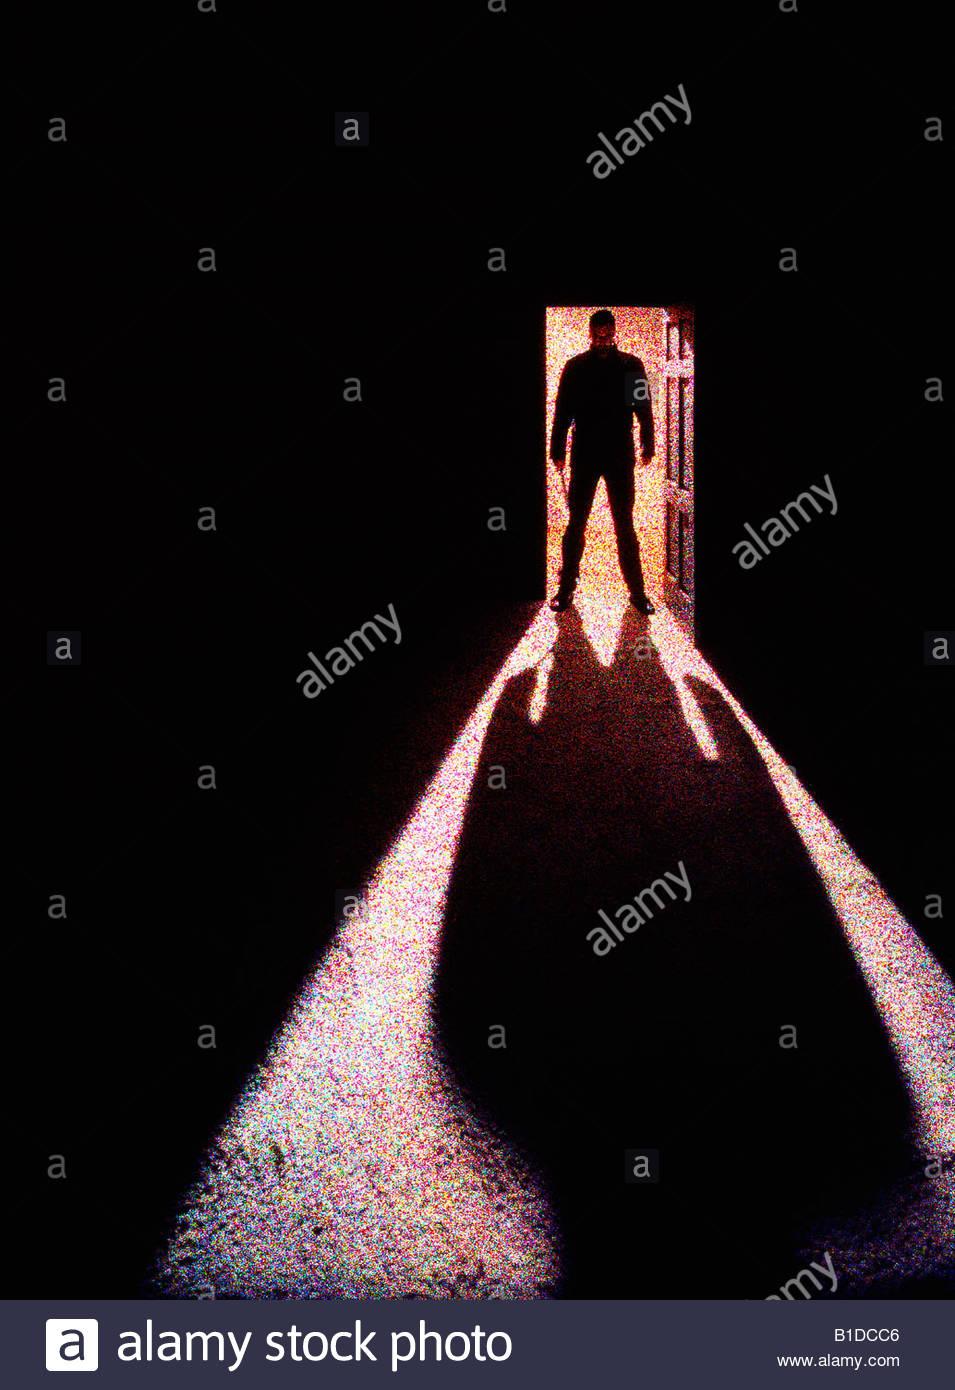 Una amenazadora silueta de un hombre con un cuchillo, en el marco de una puerta. Imagen De Stock